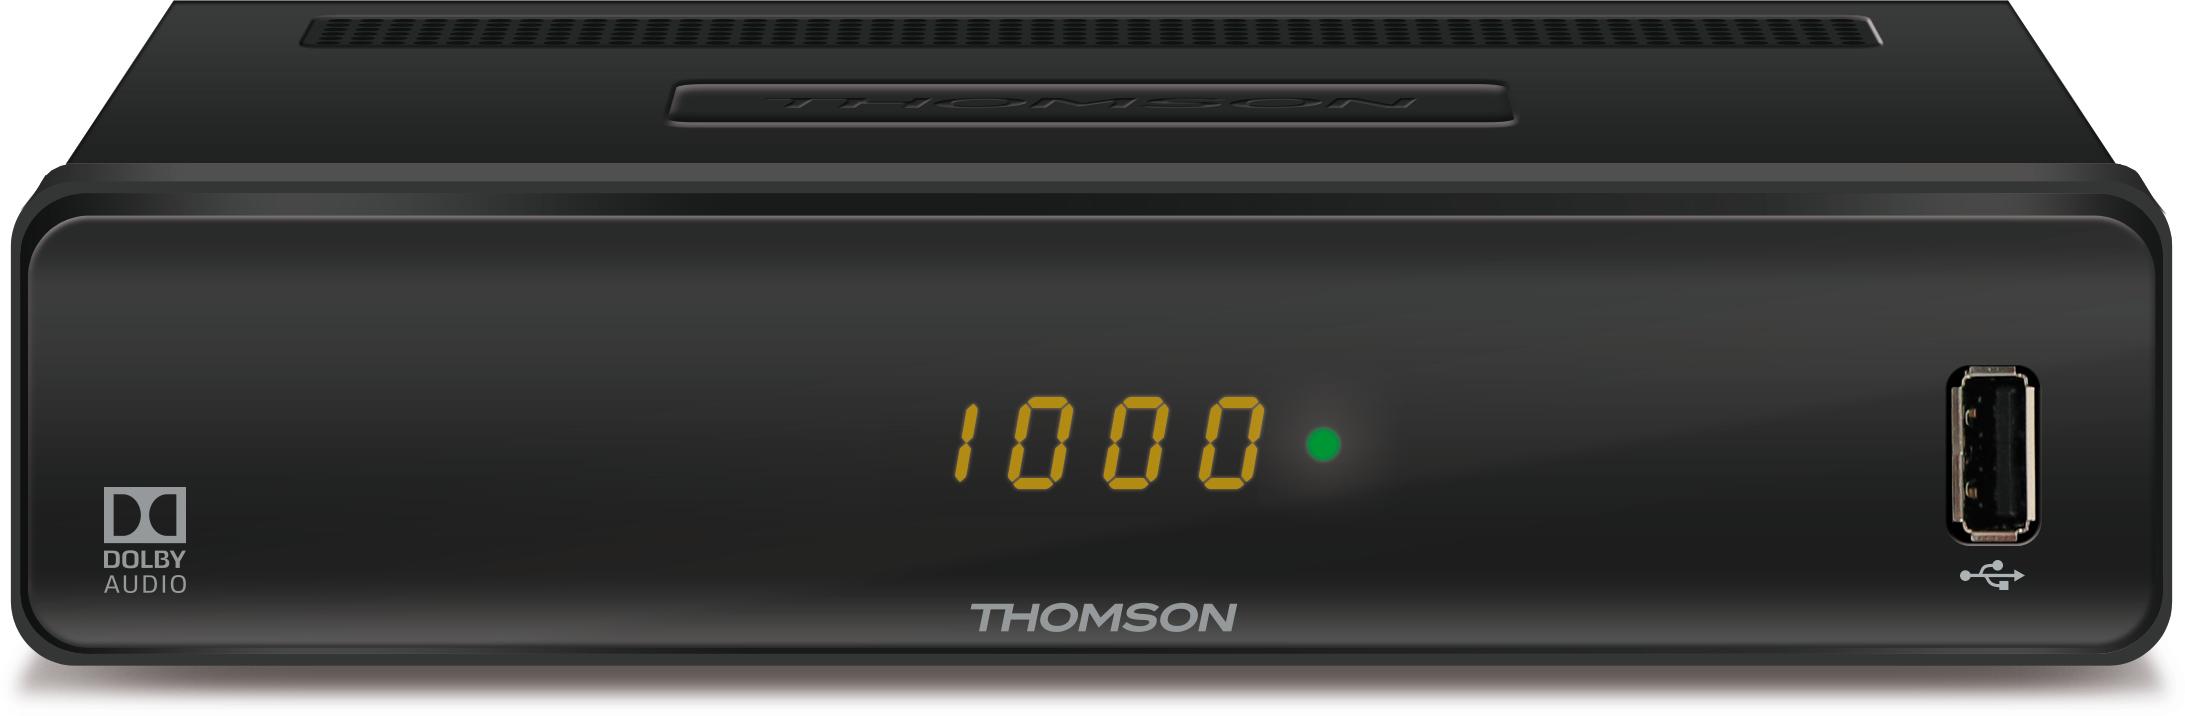 thomson thc300 hd kabelreceiver f r digitales. Black Bedroom Furniture Sets. Home Design Ideas